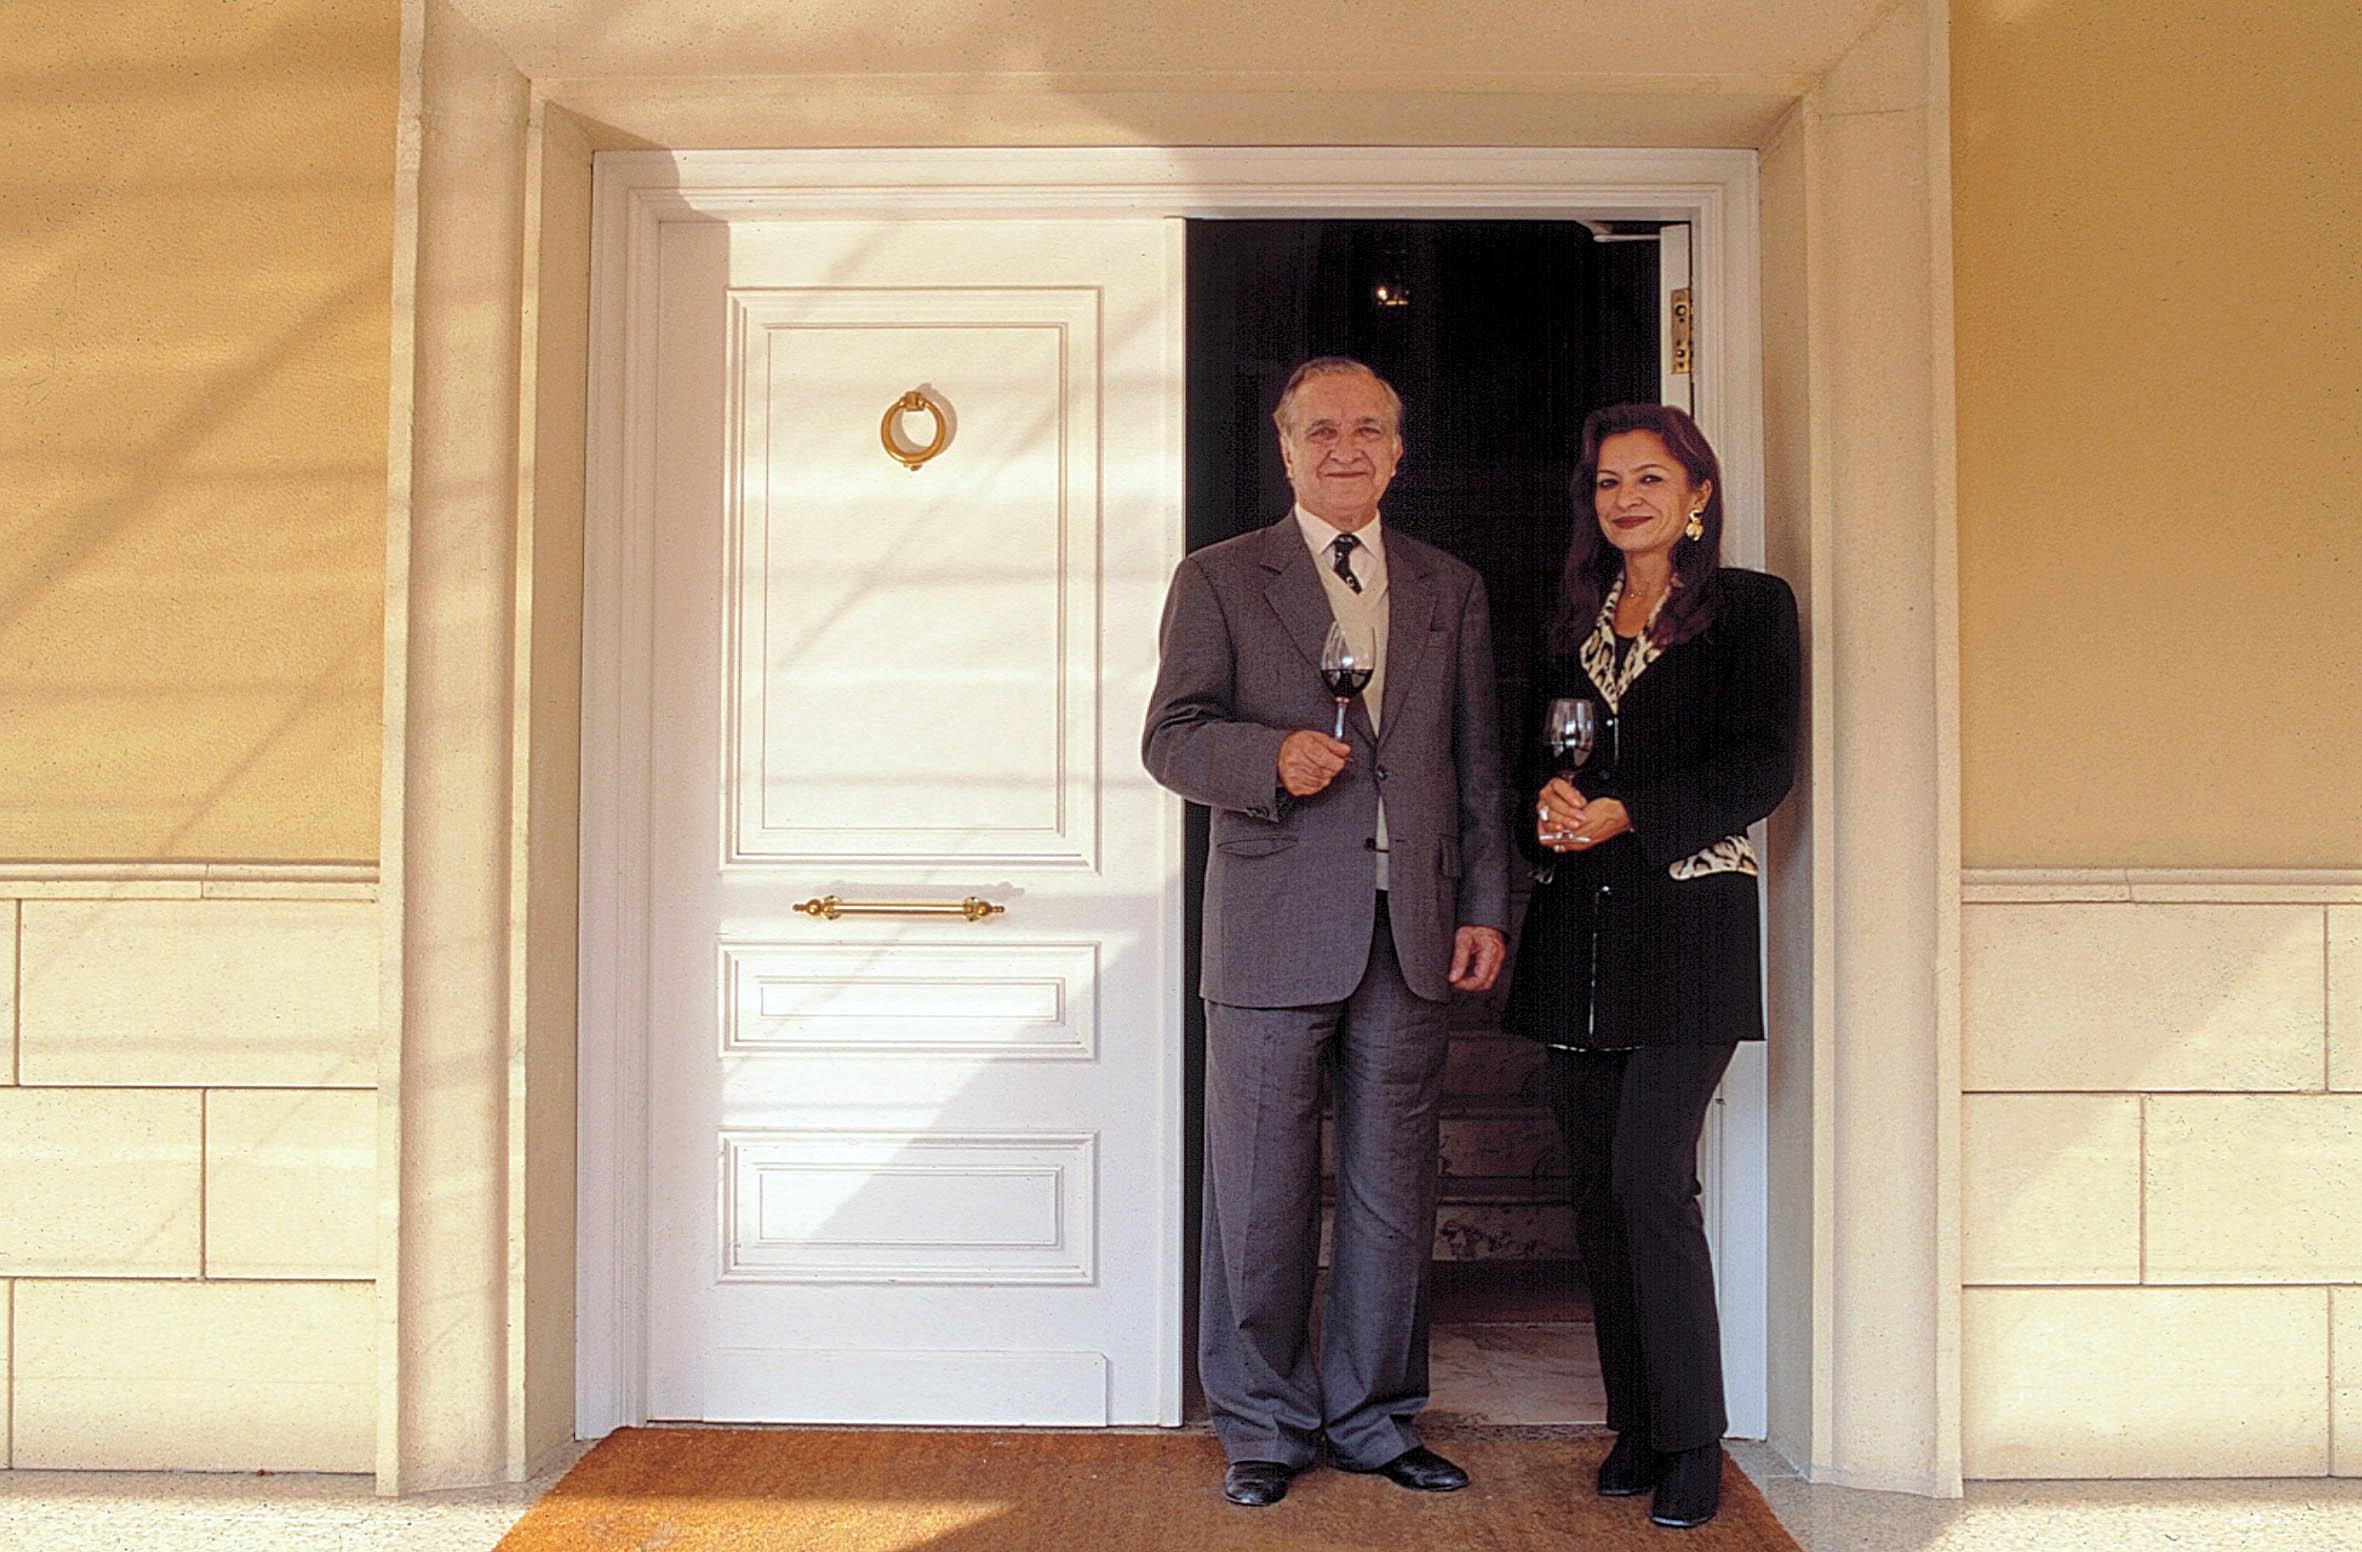 Sr Forner y Cristina en puerta de entrada.jpg